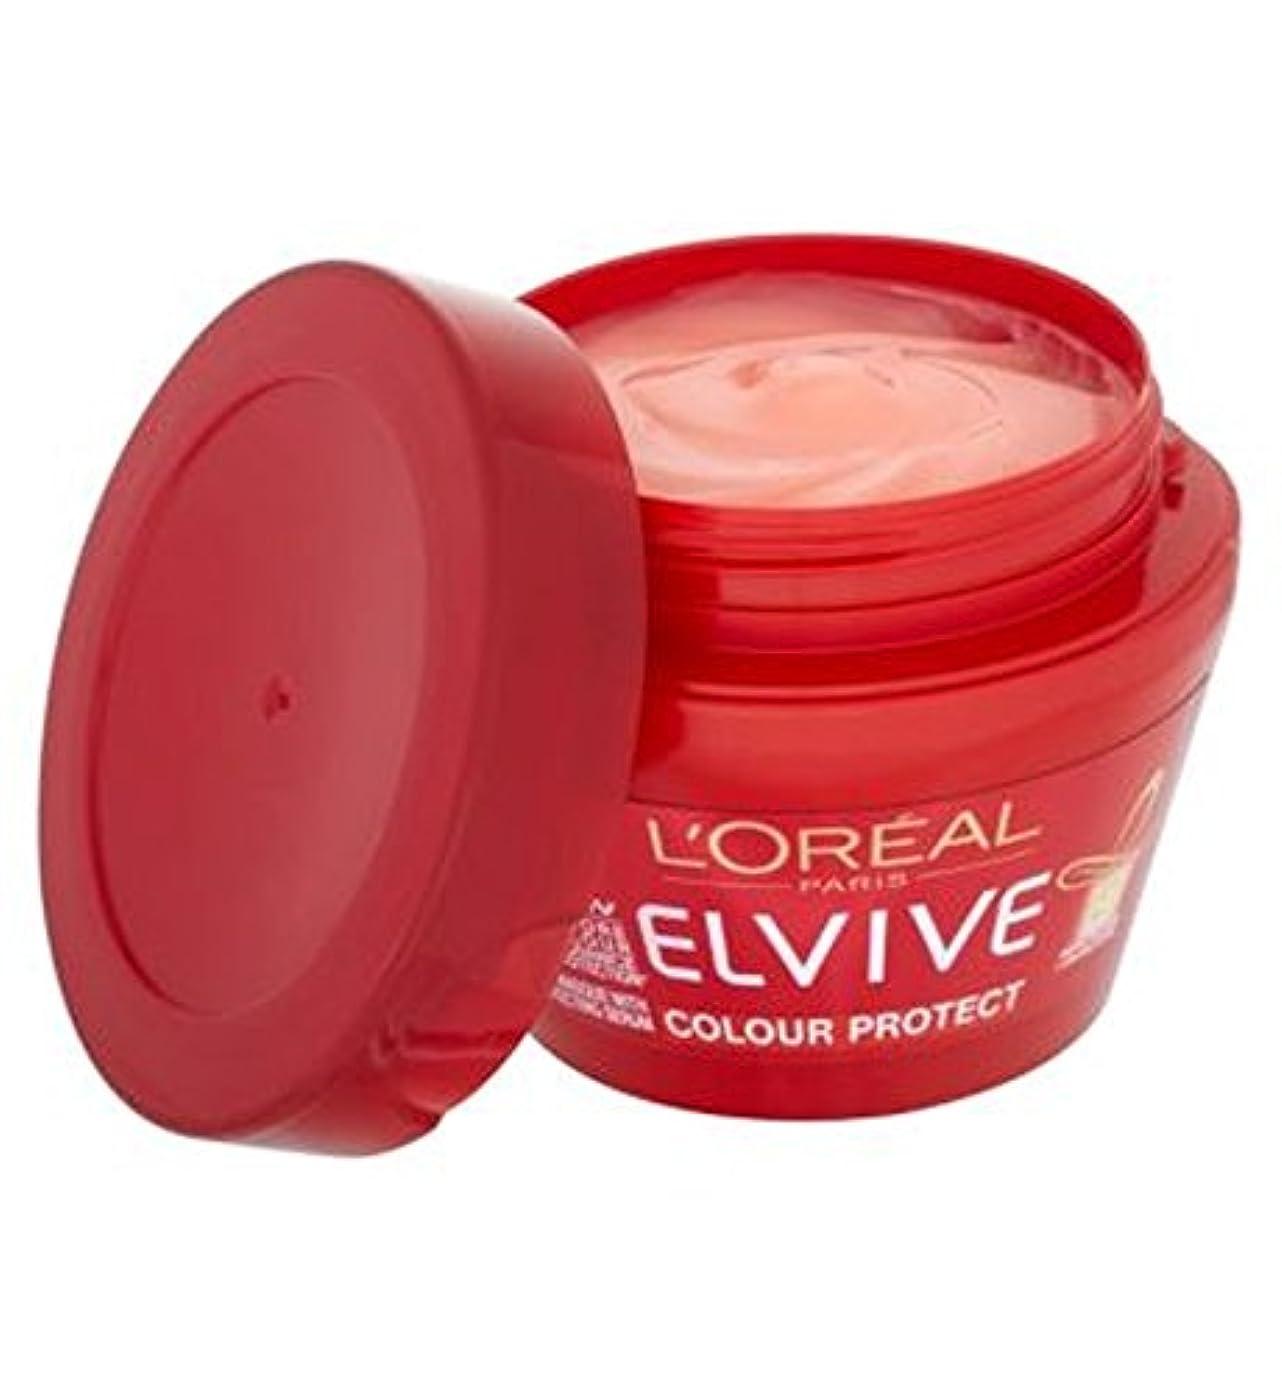 切り離すユーモラスフリルL'Oreall Elvive色仮面血清300ミリリットルを保護 (L'Oreal) (x2) - L'Oreall Elvive Colour Protect Masque Serum 300ml (Pack of 2) [並行輸入品]